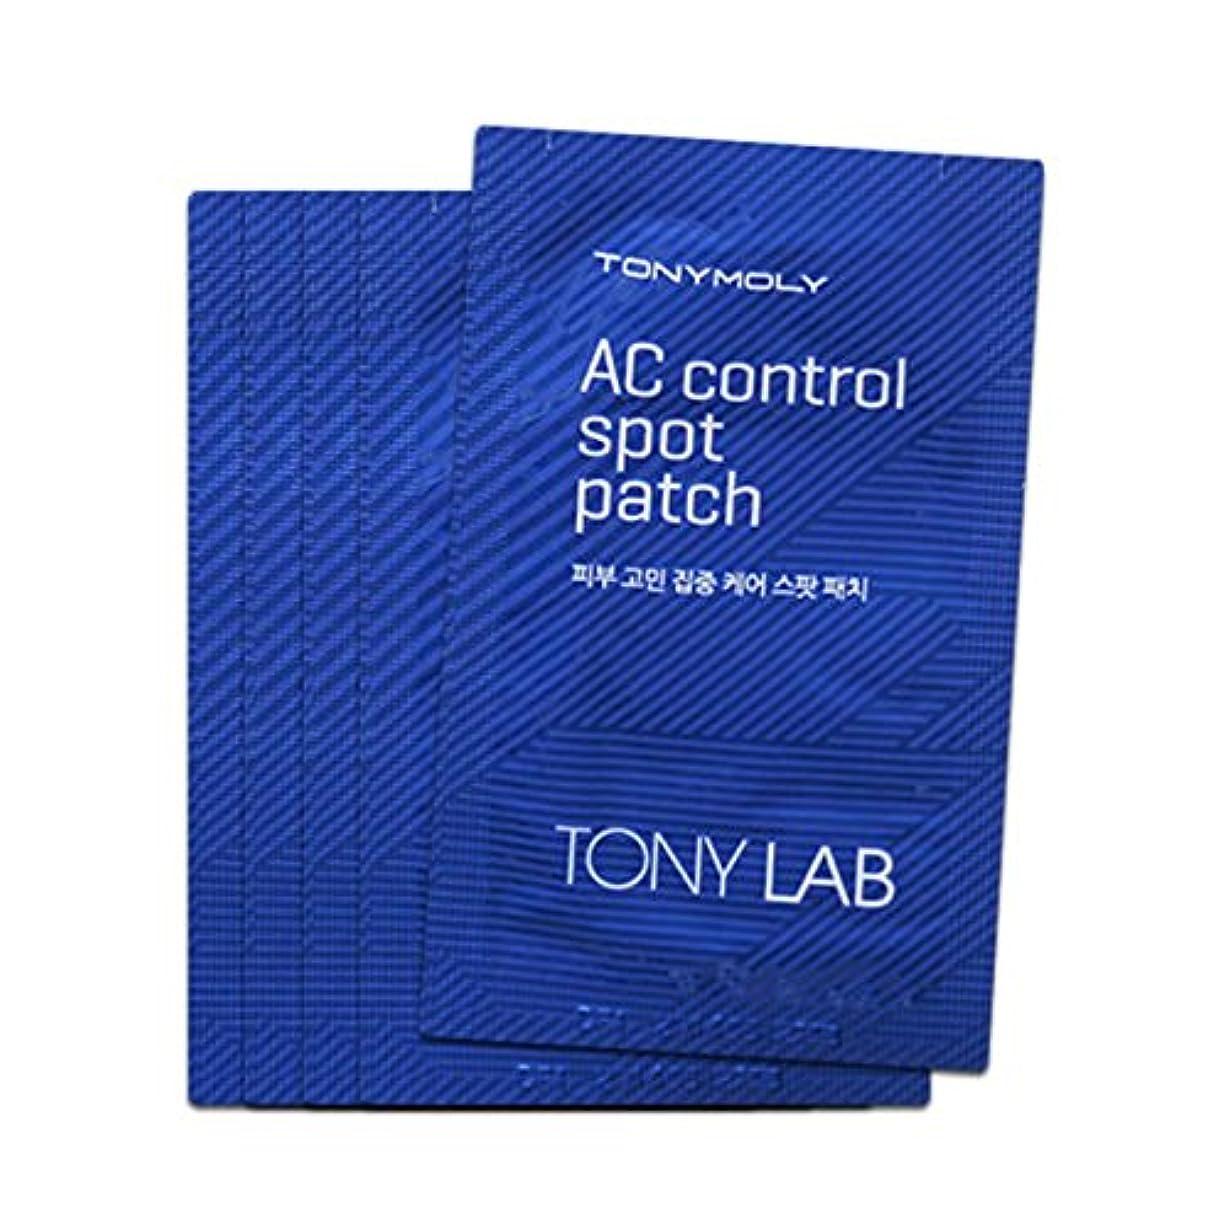 人物影響力のある克服するトニーモリー トニーラップACコントロールスポットパッチ(8806358511647)